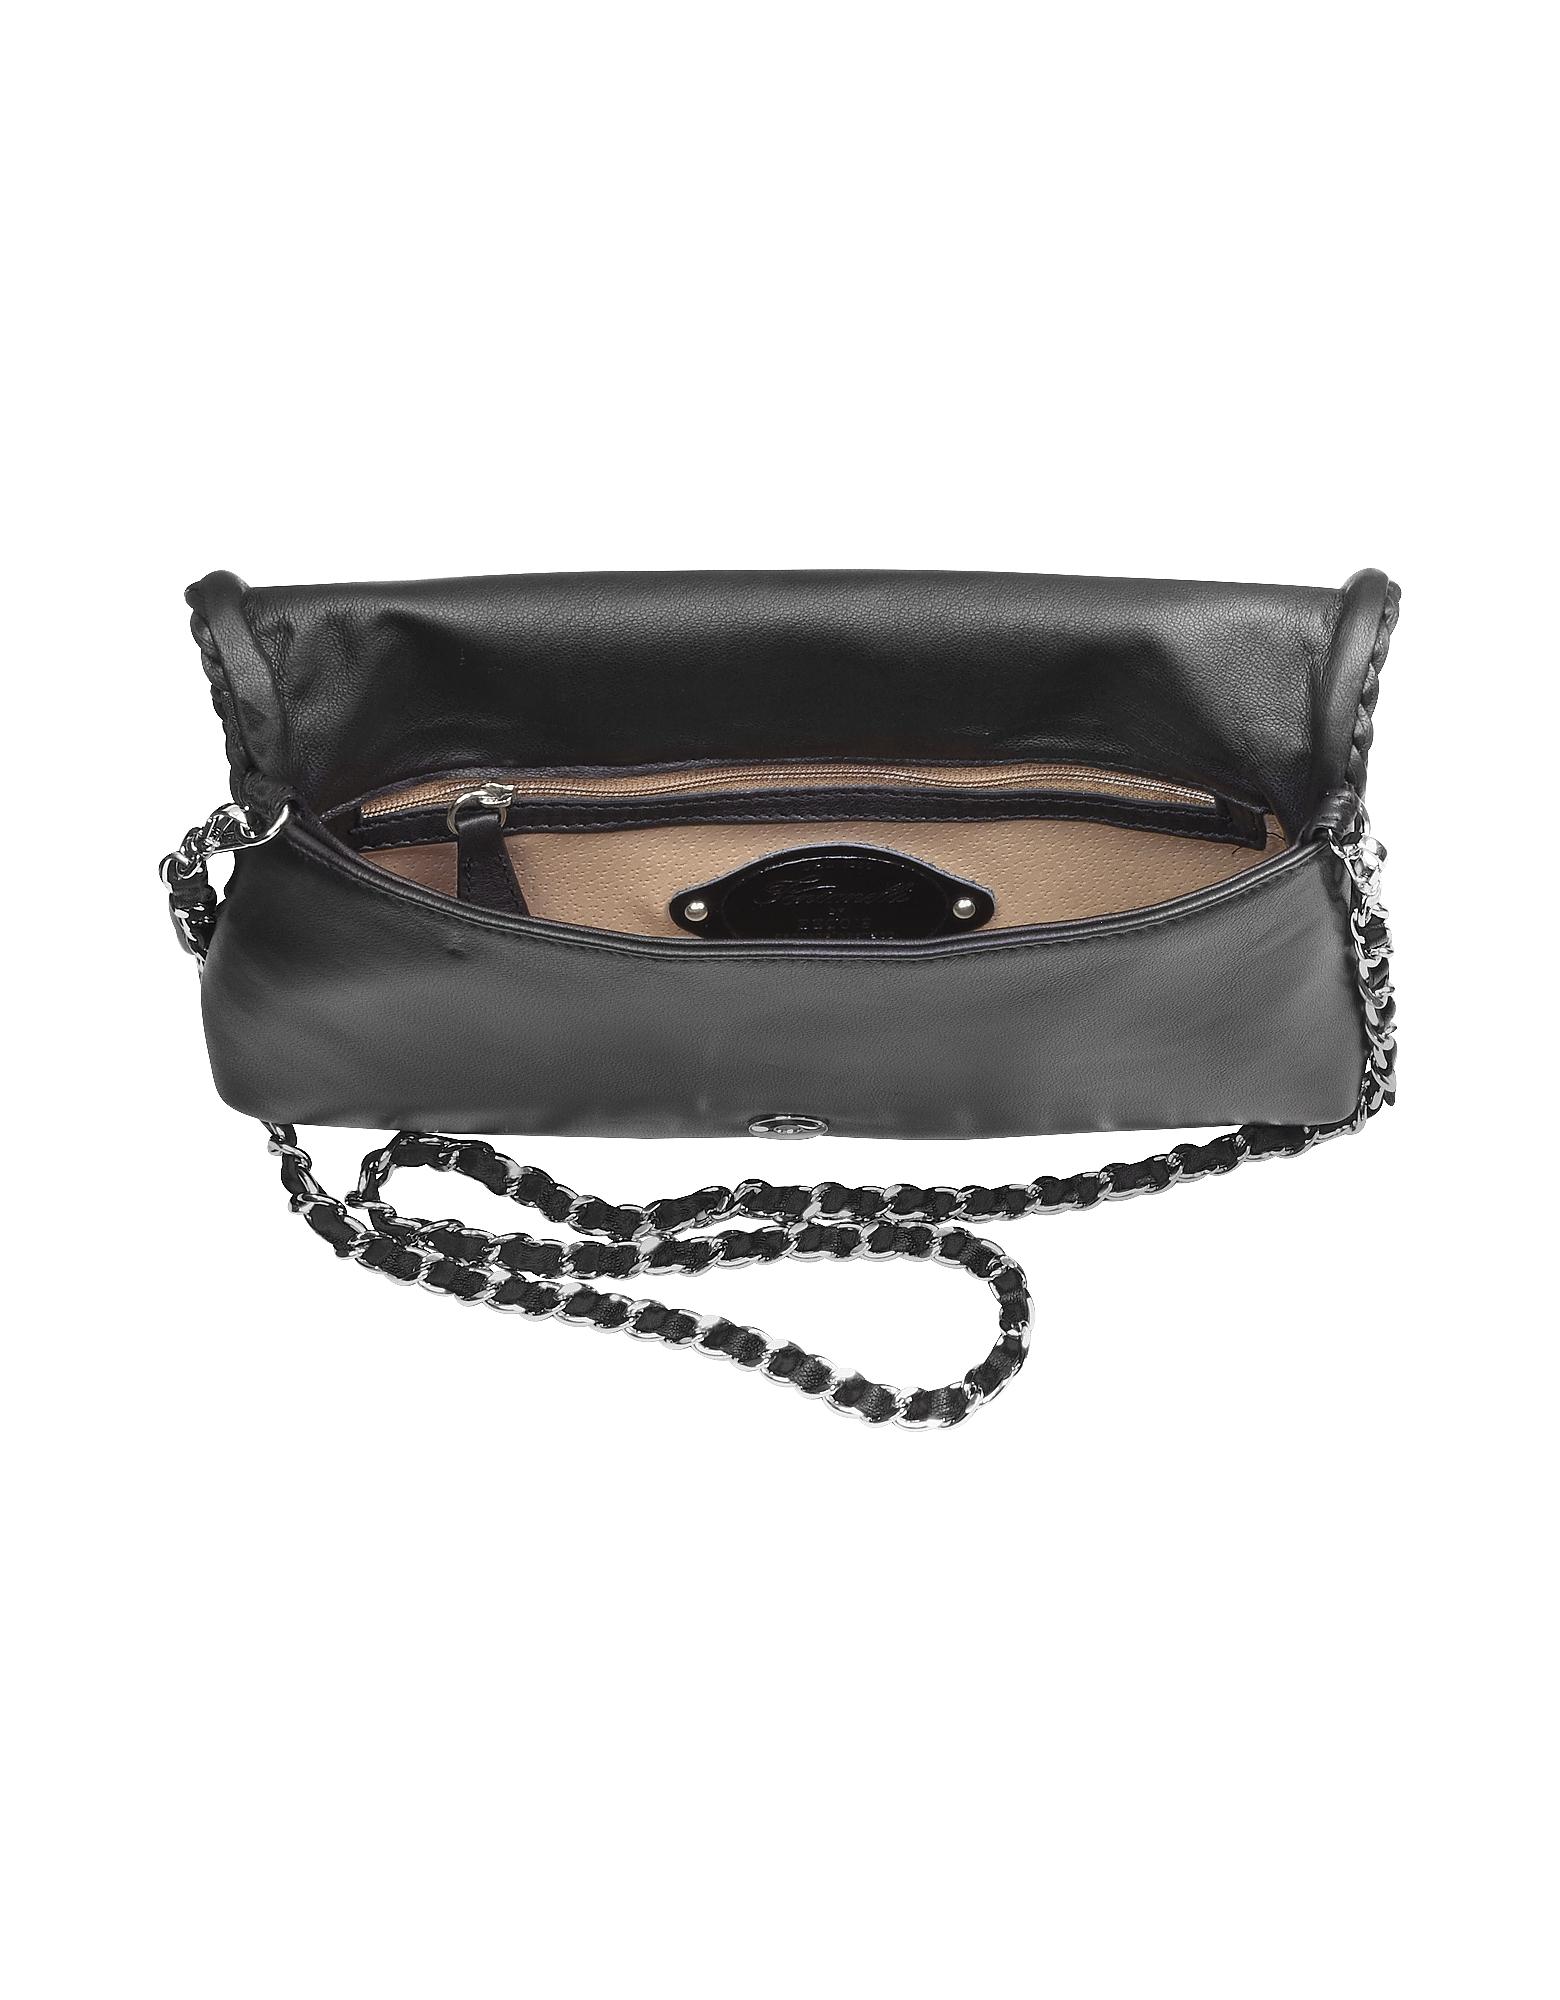 Fontanelli / Black Leather Baguette Bag